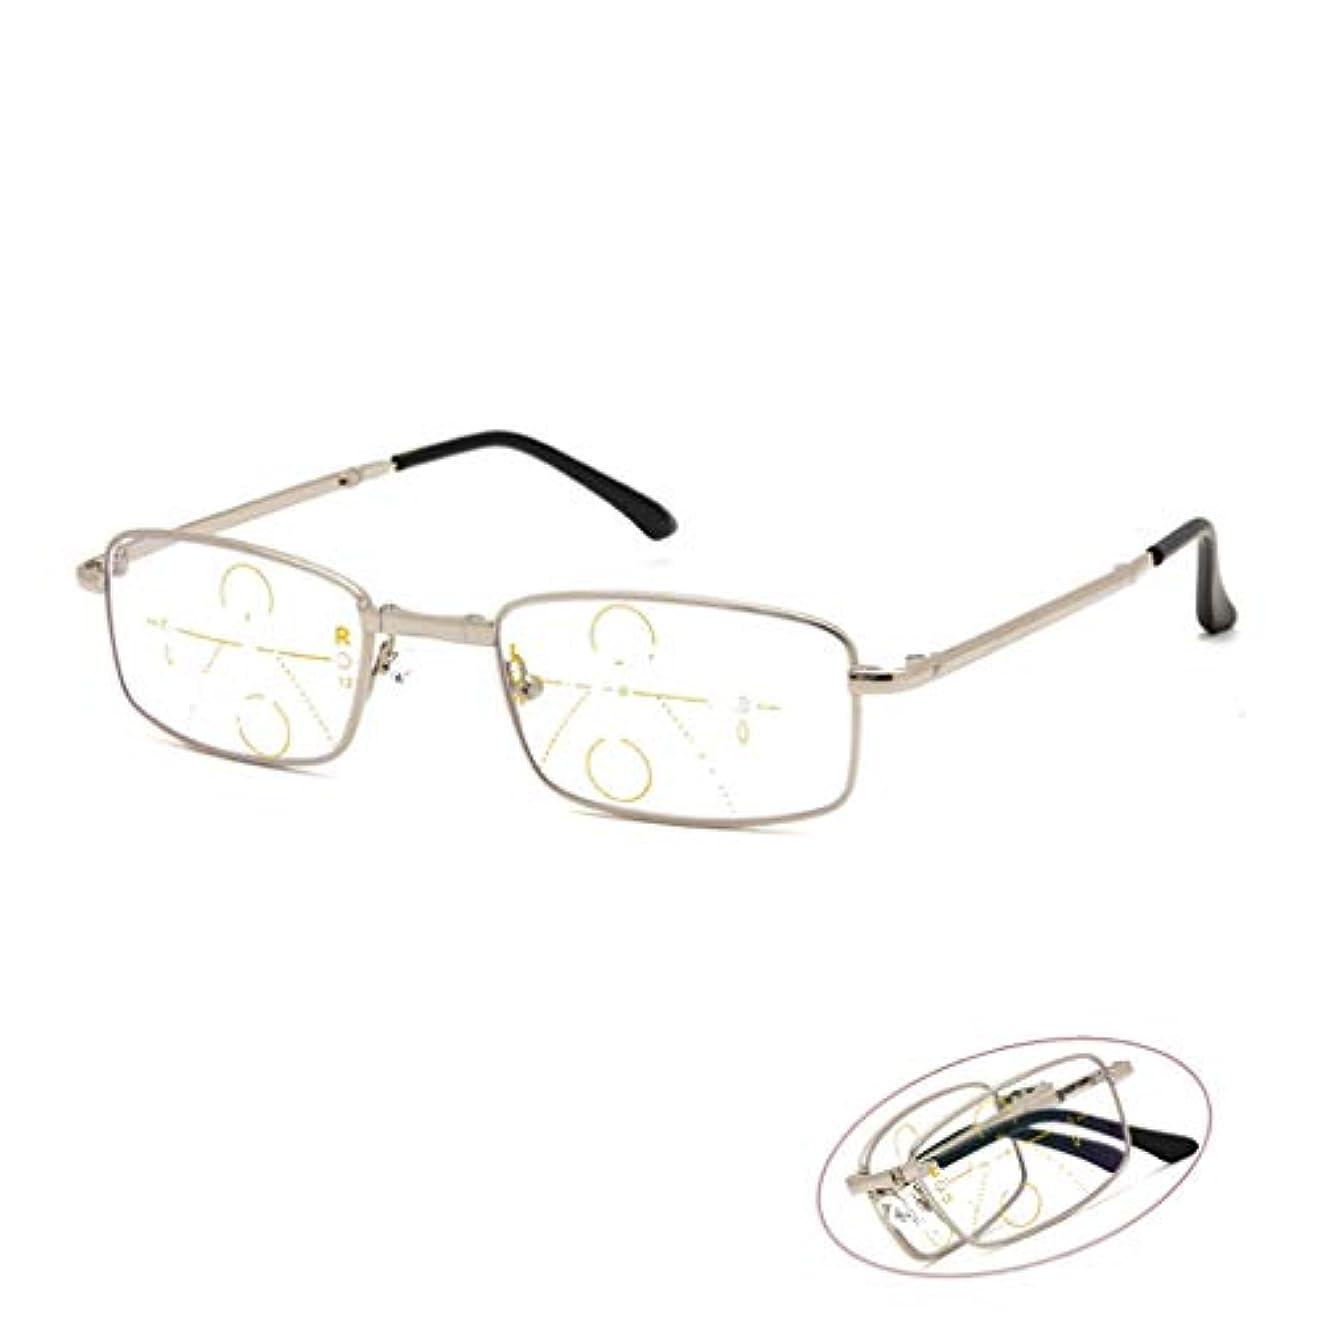 インテリジェント老眼鏡 折りたたみ式プログレッシブ多焦点老眼鏡、青色光遮断メガネ、メタルフルフレームコンピューターメガネ、屋内/屋外兼用老眼鏡、持ち運びが簡単